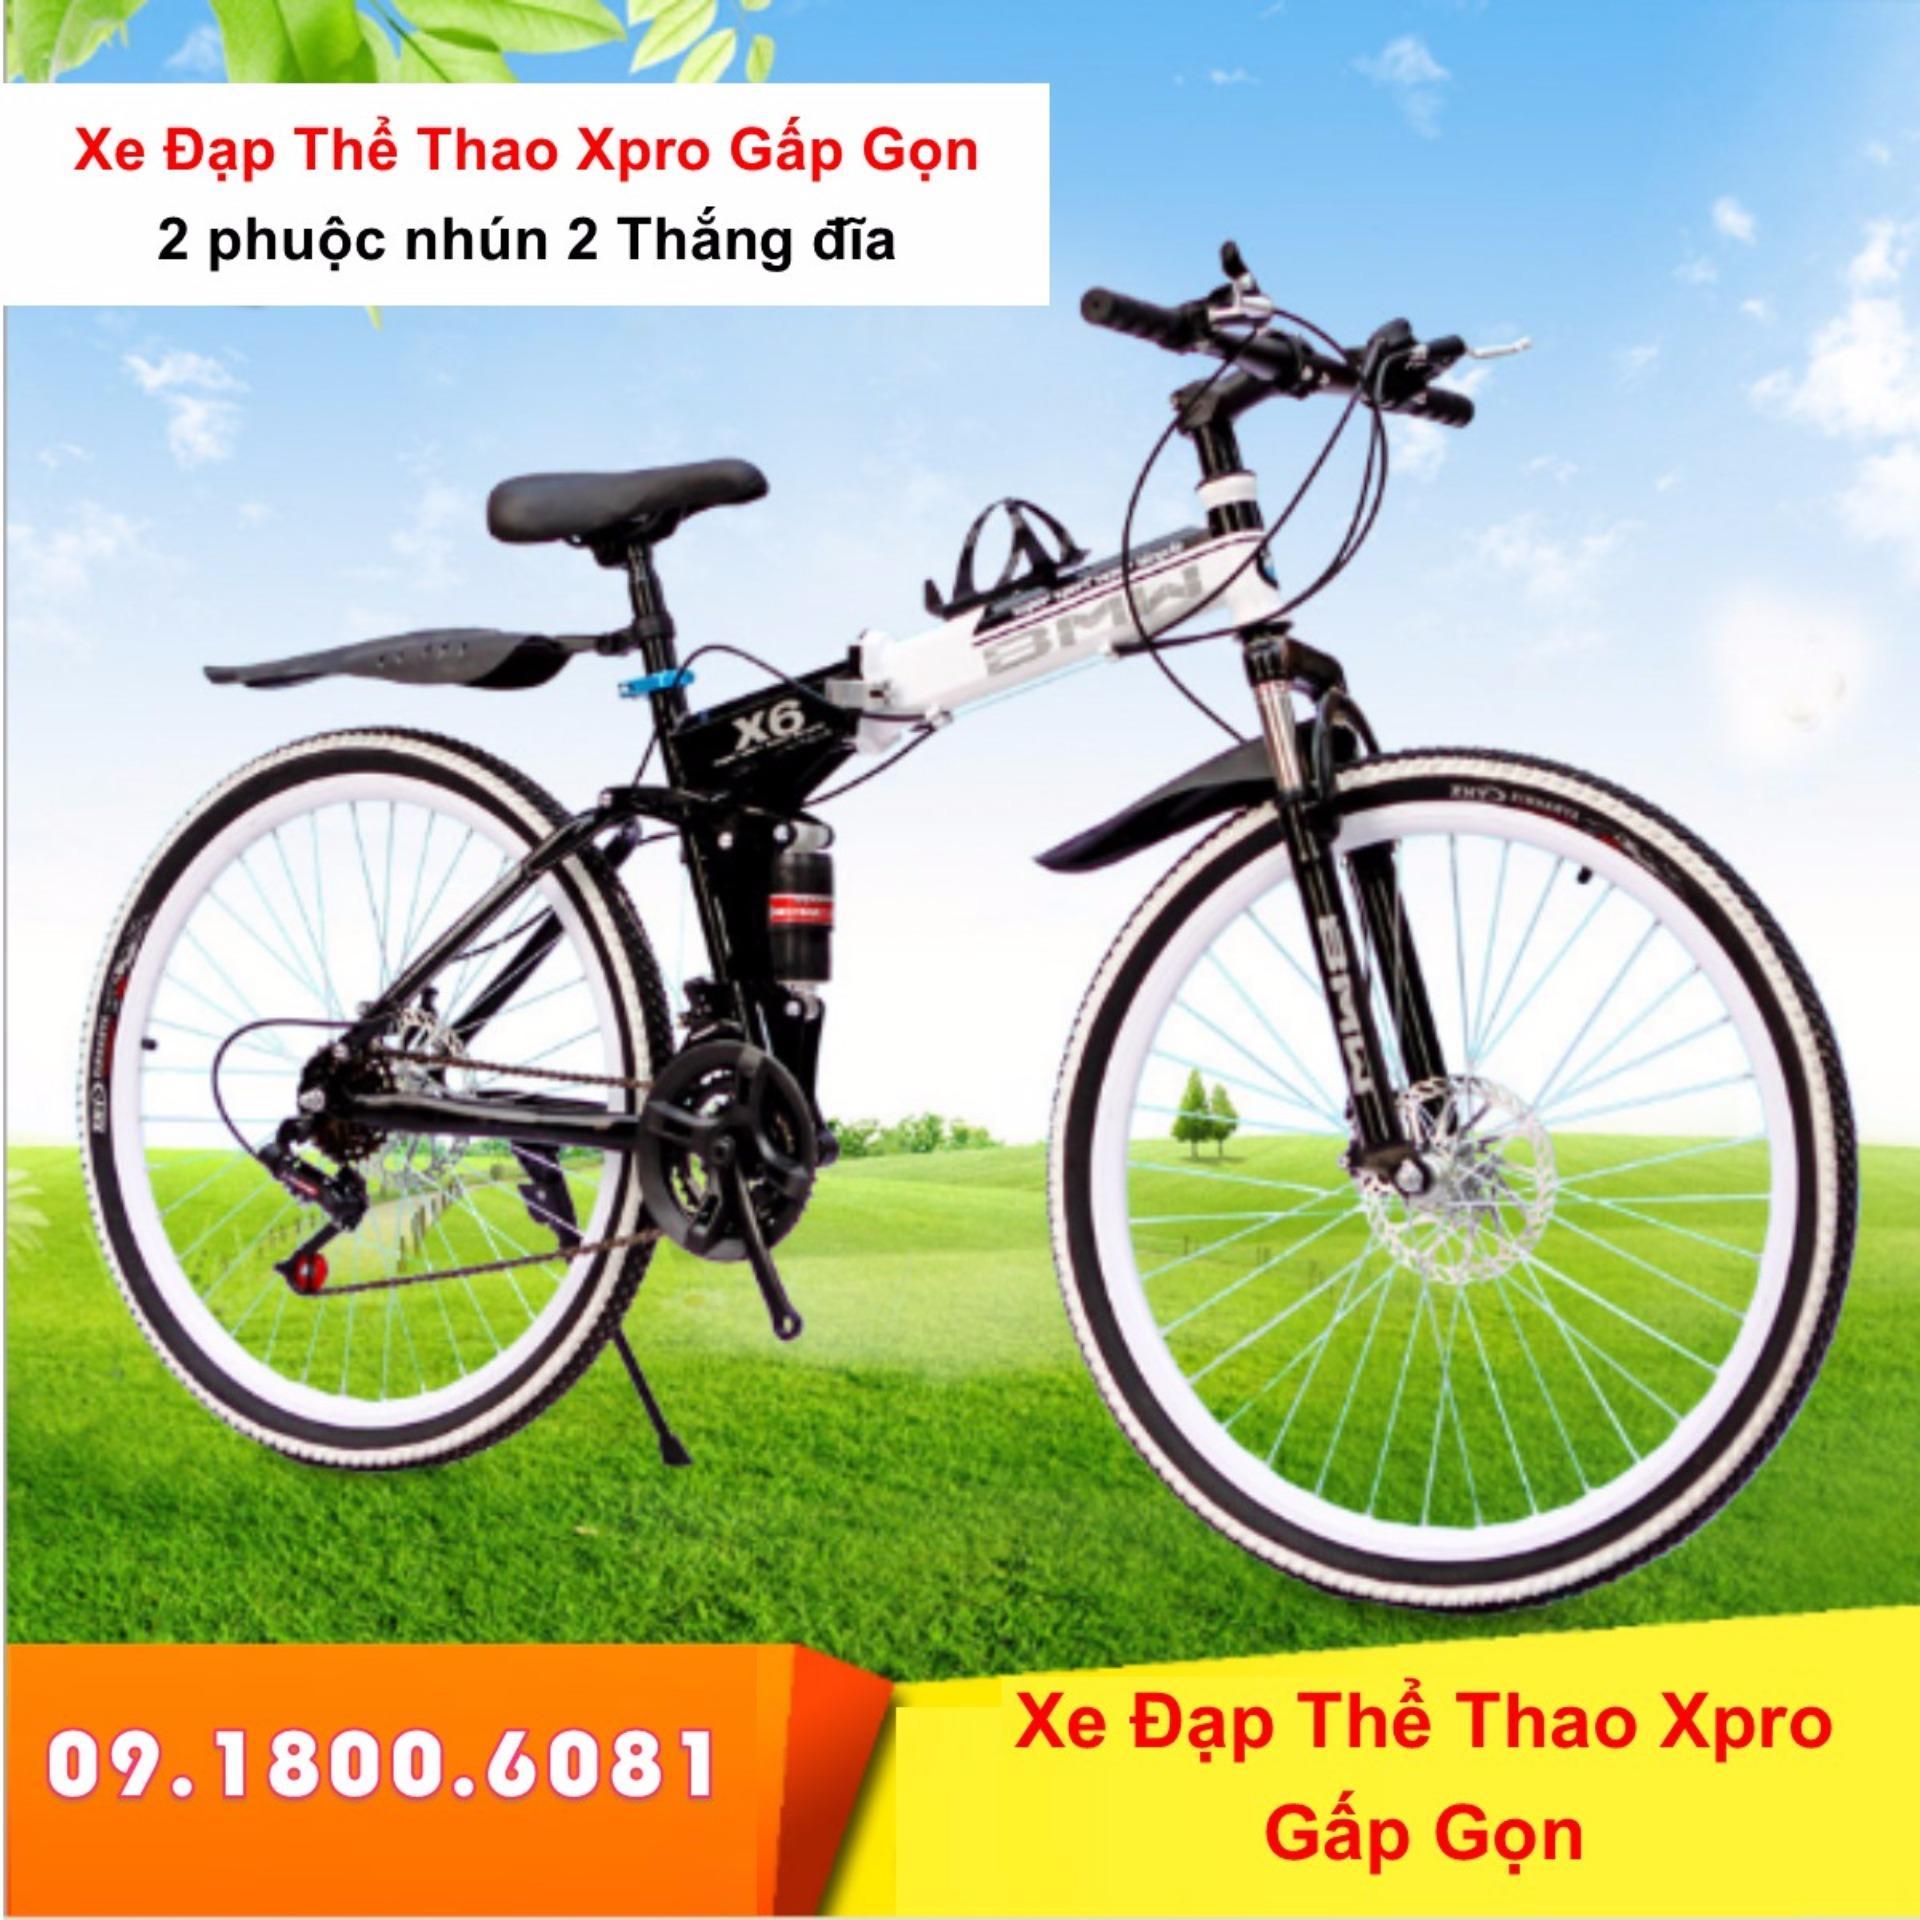 Xe đạp thể thao gấp gọn cao cấp 2 phuộc nhún hàng nhập khẩu